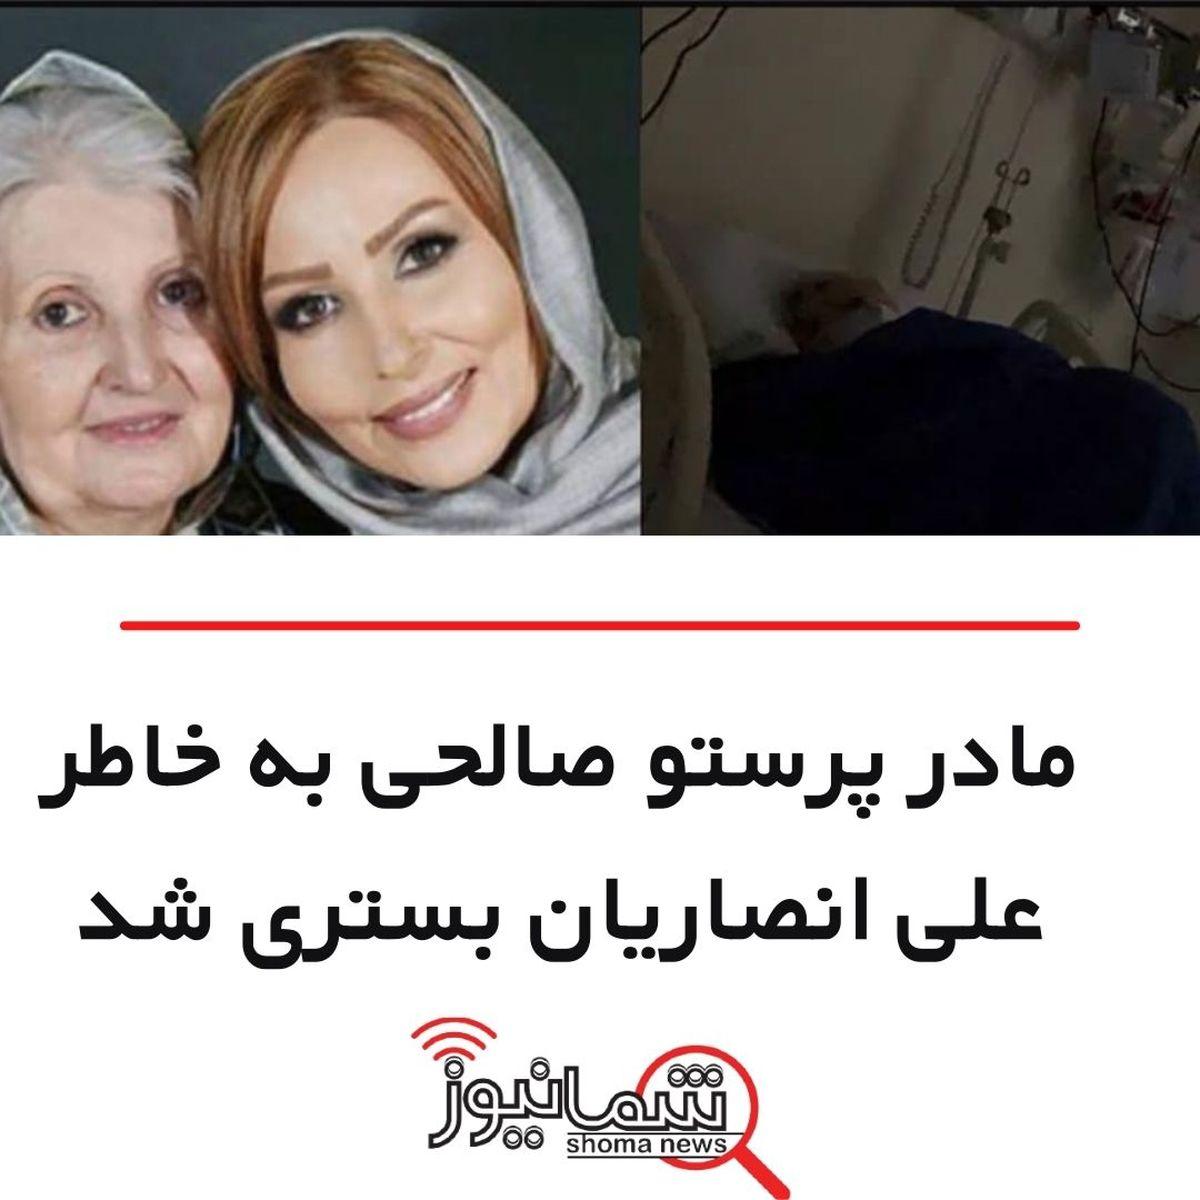 مادر پرستو صالحی به خاطر علی انصاریان در بیمارستان بستری شد + عکس